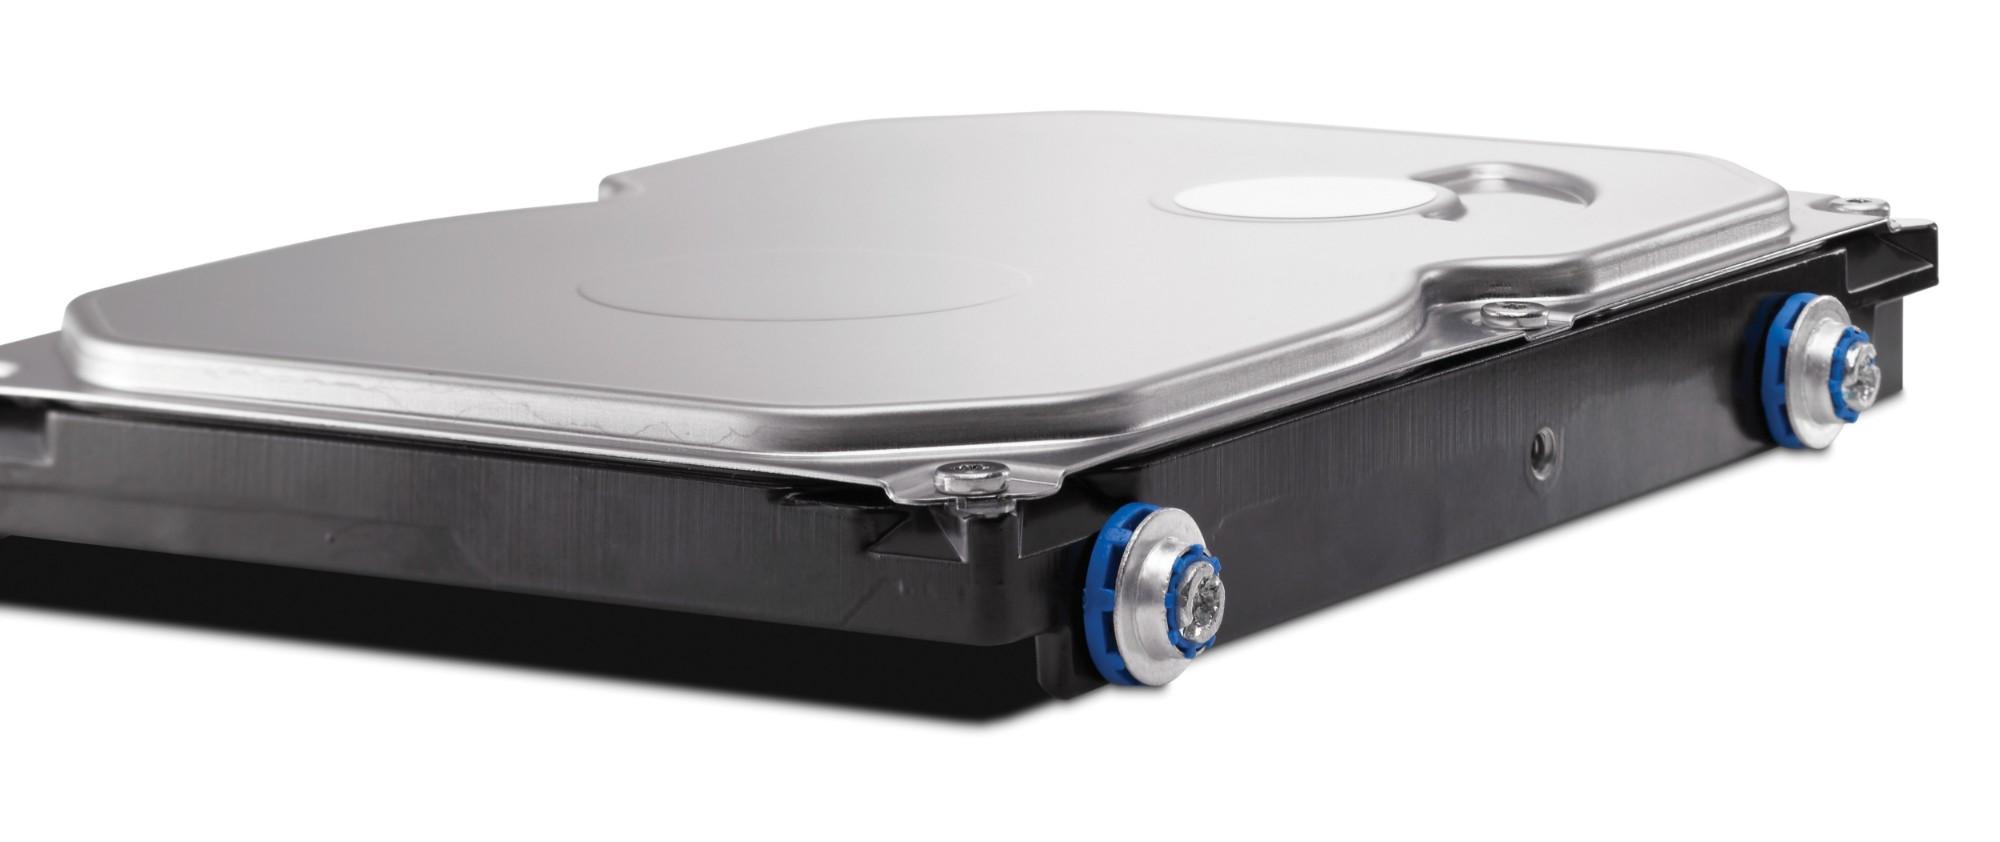 Hard Drive 500GB 7200rpm SATA (NCQ/Smart IV) 6Gbp/s